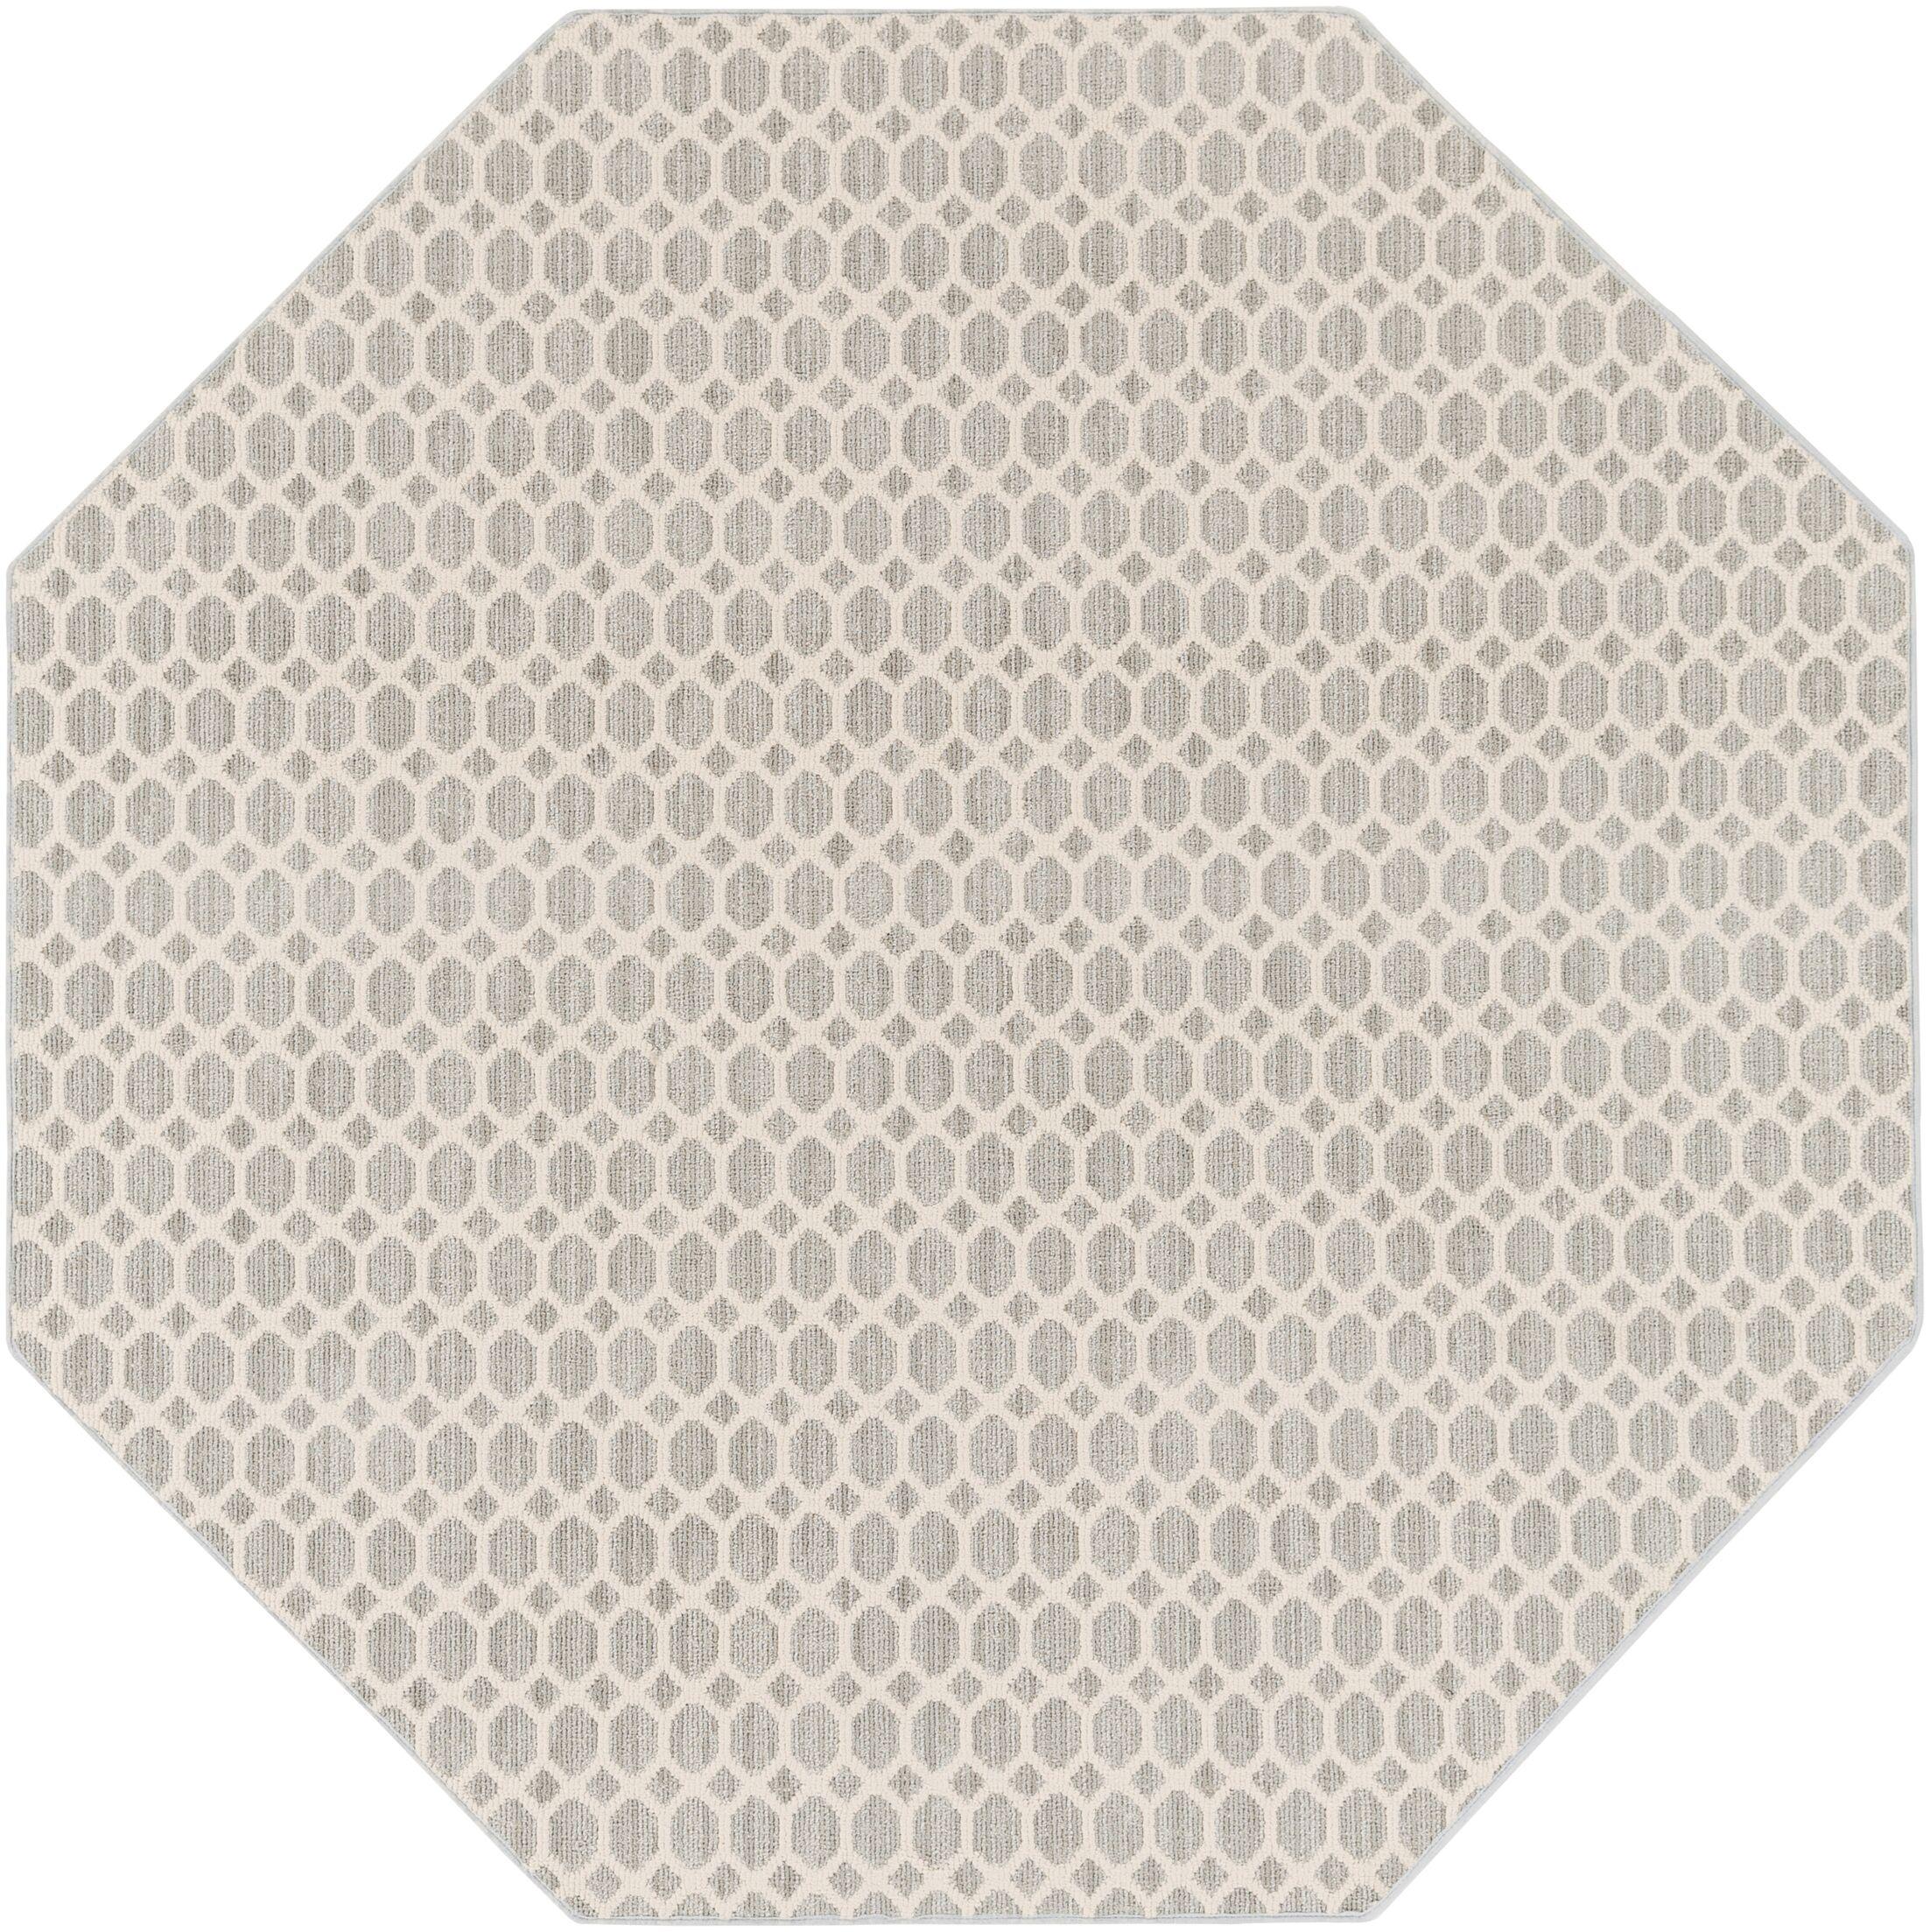 Casper Gray Indoor/Outdoor Area Rug Rug Size: Octagon 6'